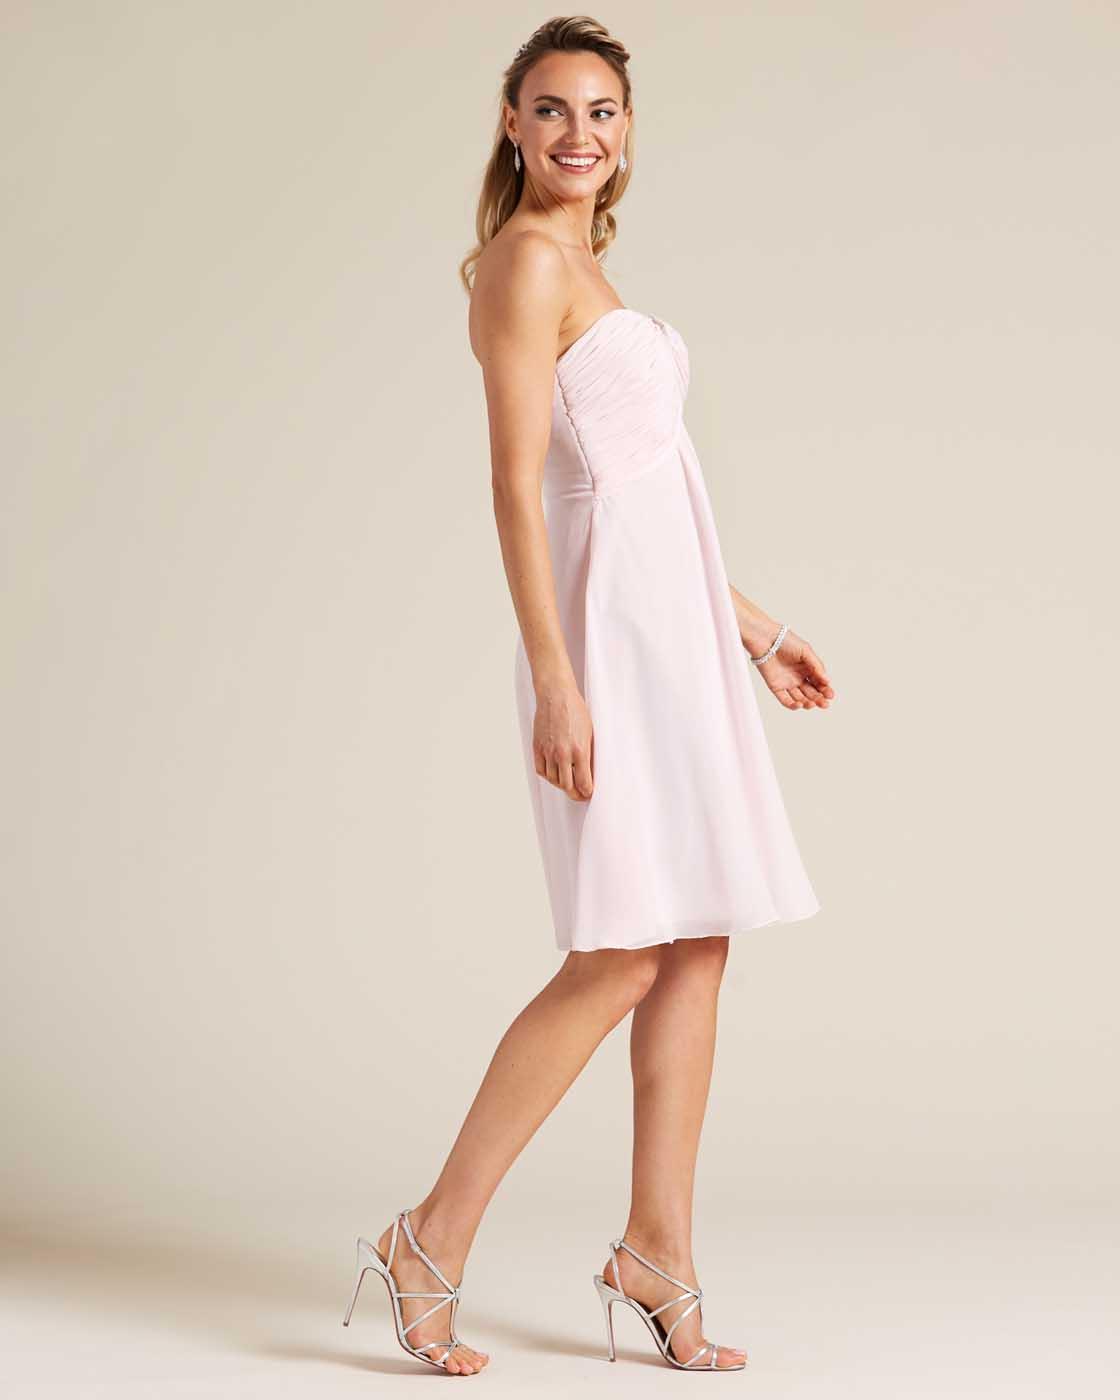 Pink Strapless Short Skirt Dress - Side